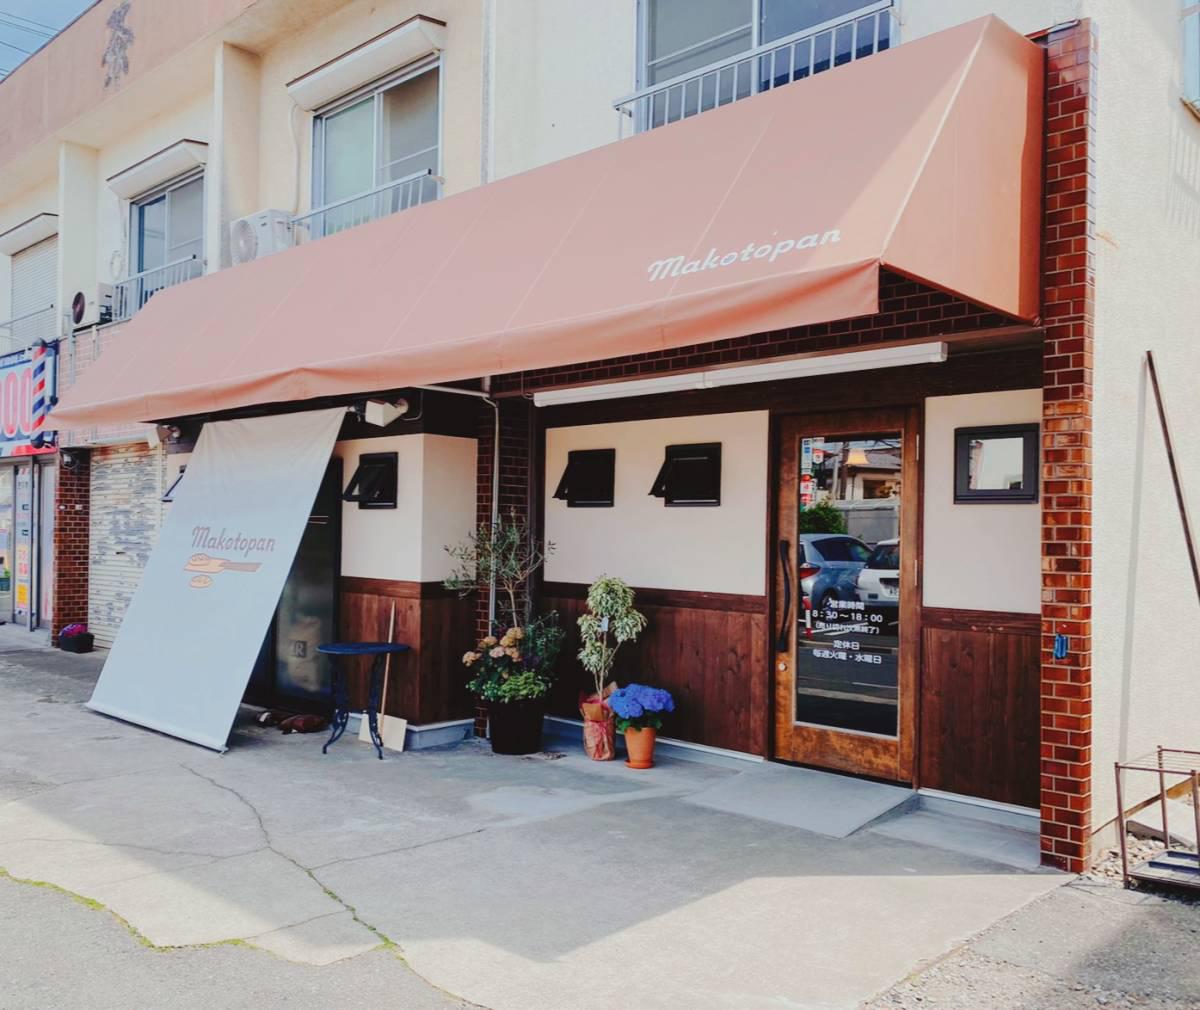 桜区白鍬2021年5月1日リニューアルオープンの『Makotopan(マコトパン)』で『いちごのデニッシュ』『クイニーアマン』『チーズフォンデュ』他買って食べてみた。